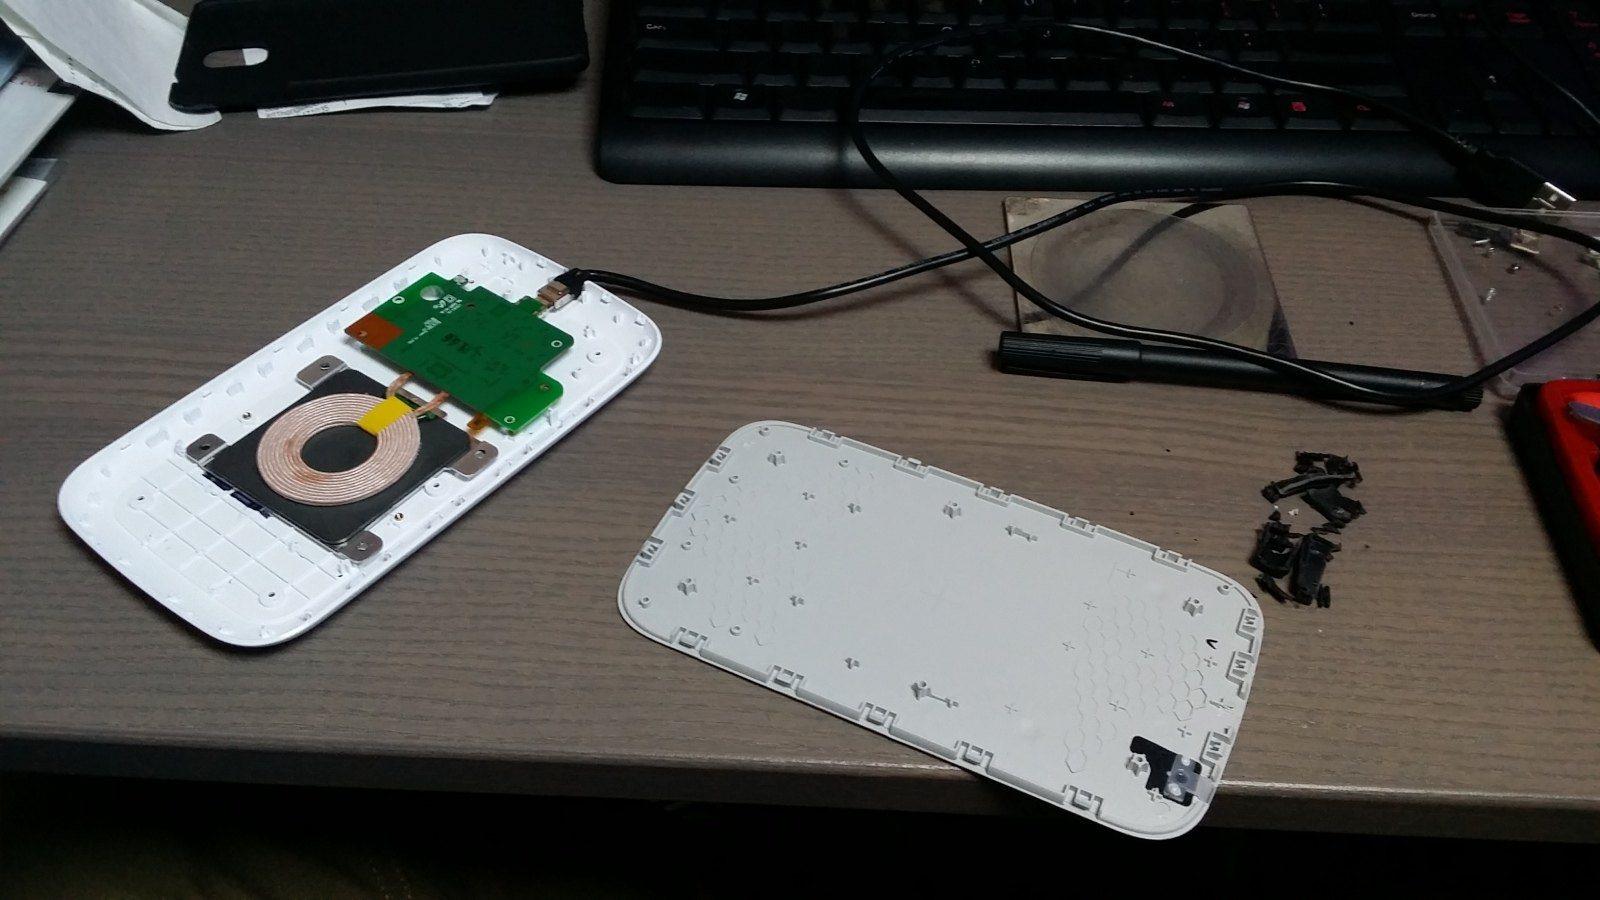 foto [GUIDA] Wireless charging Ricarica Wireless nel porta oggetti - 3